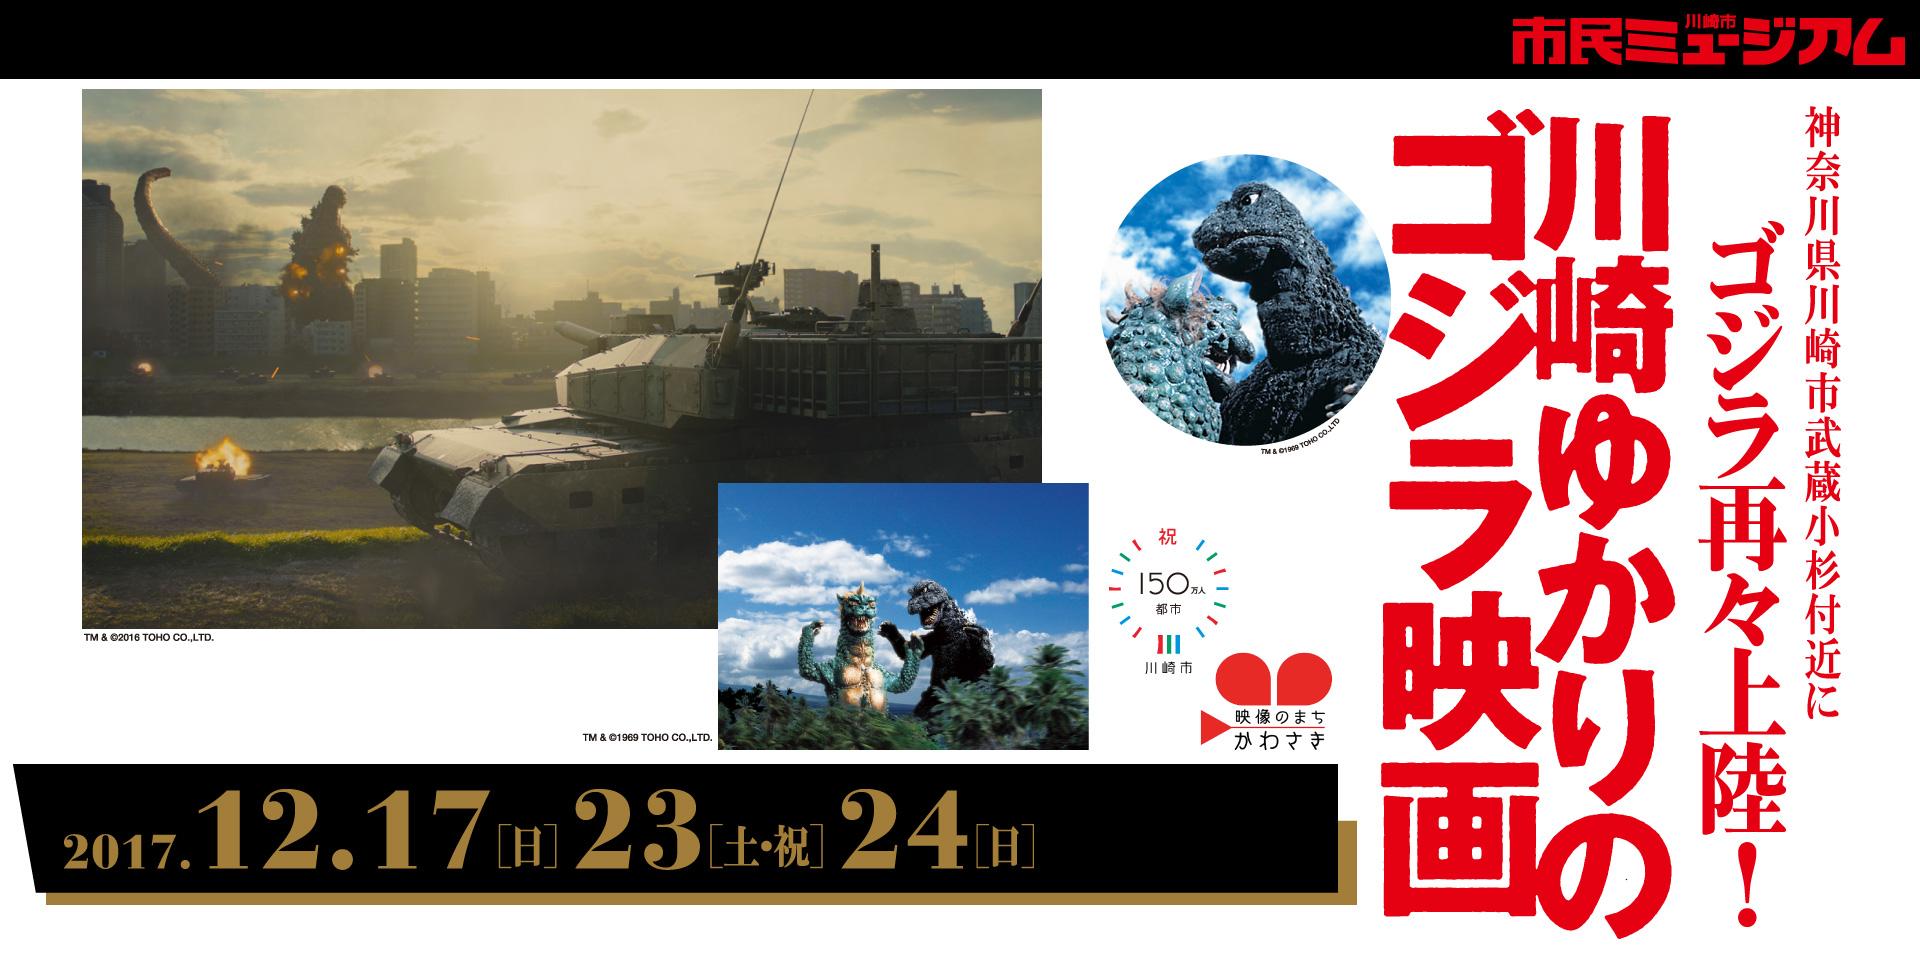 12月 川崎ゆかりのゴジラ映画